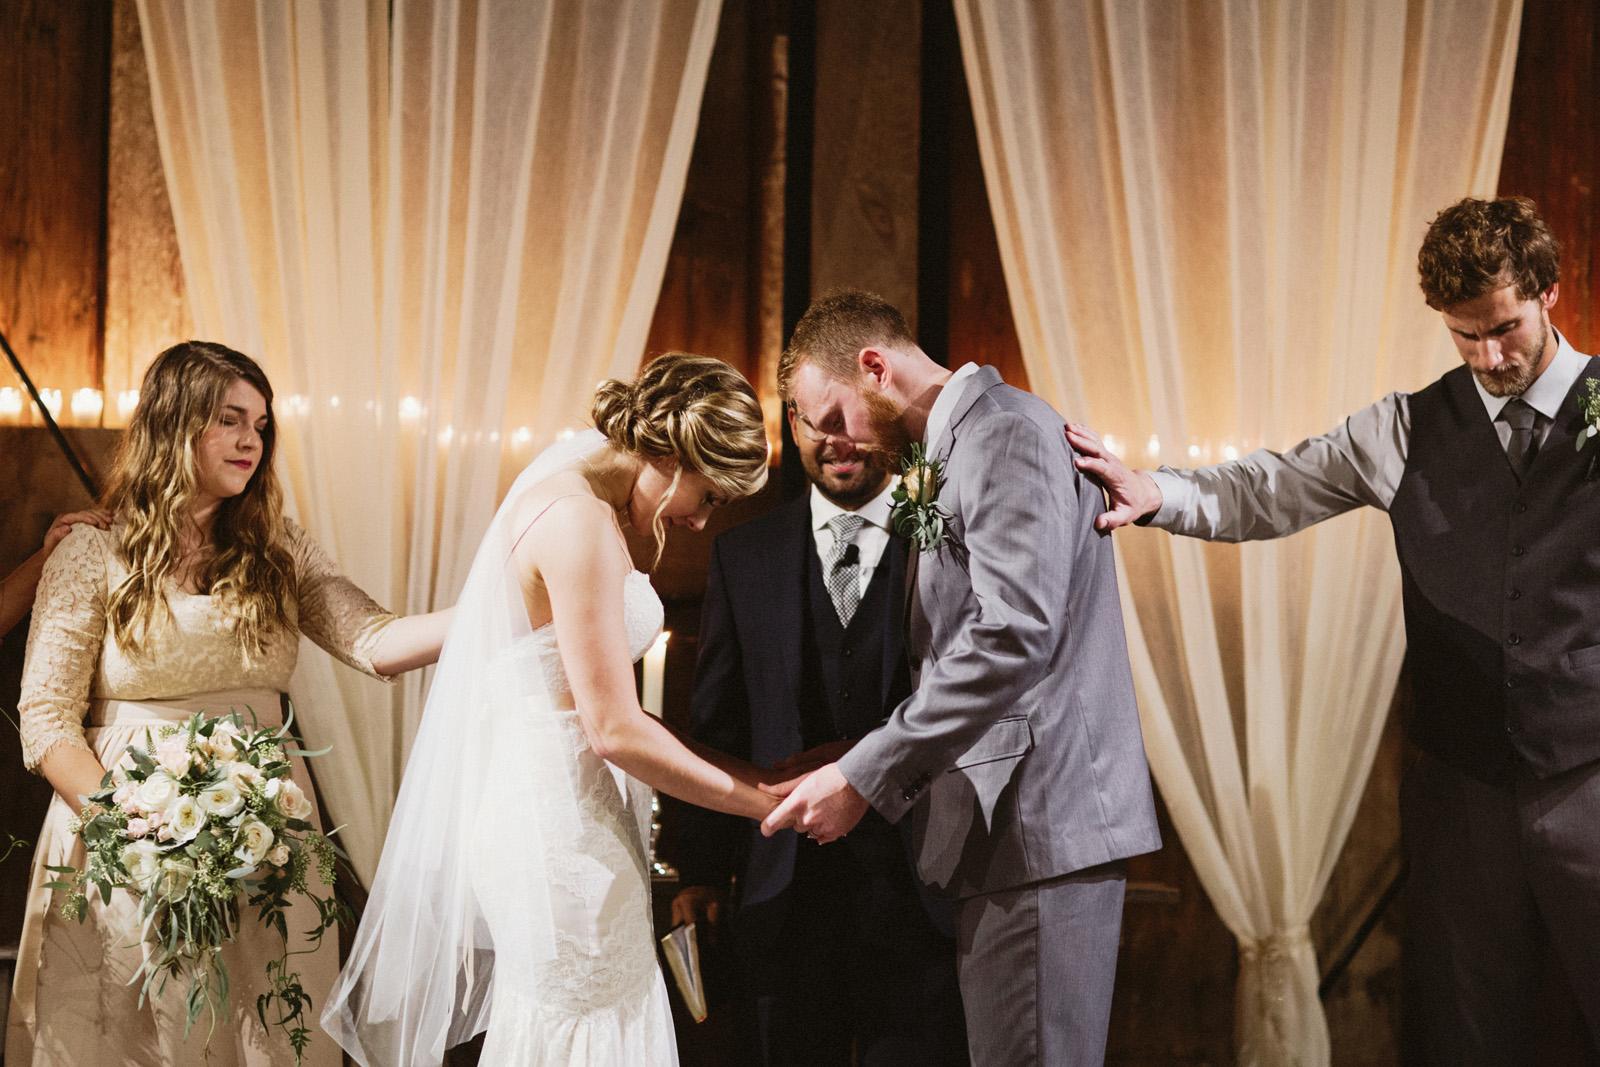 daniel-emily-36 PICKERING BARN WEDDING